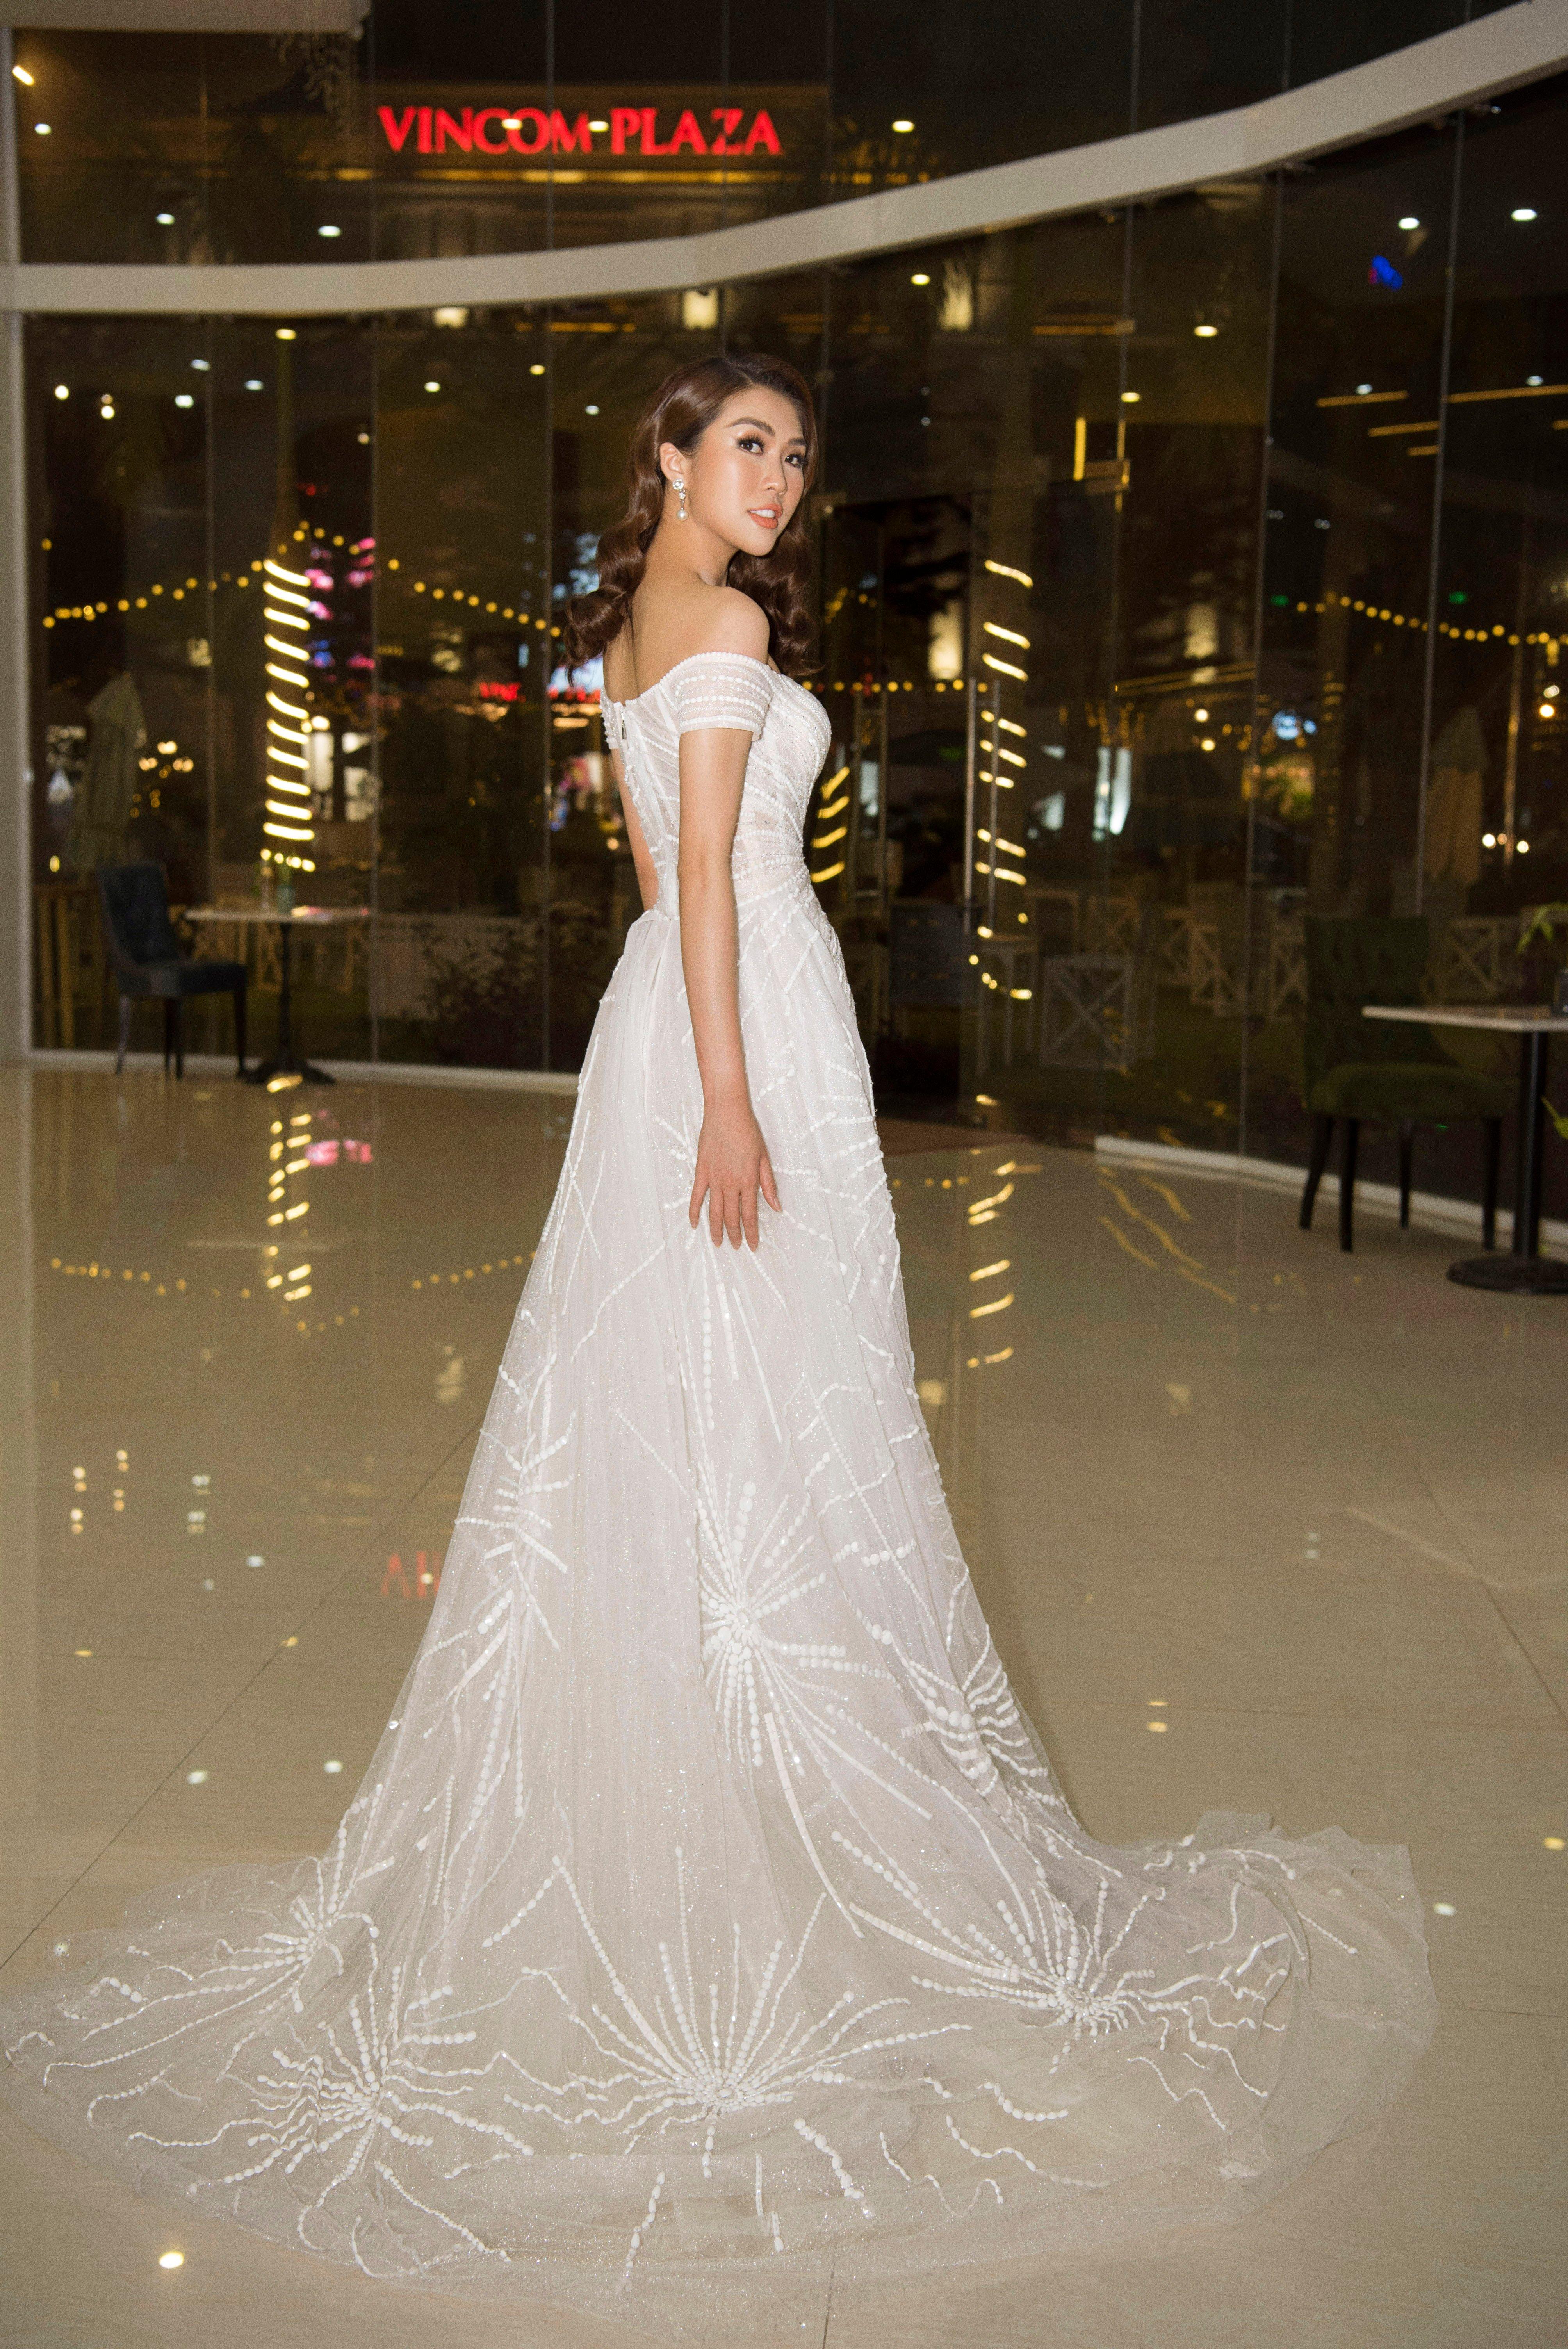 Hoa hậu Tường Linh xinh như công chúa làm giám khảo cuộc sắc đẹp tại quê nhà 2